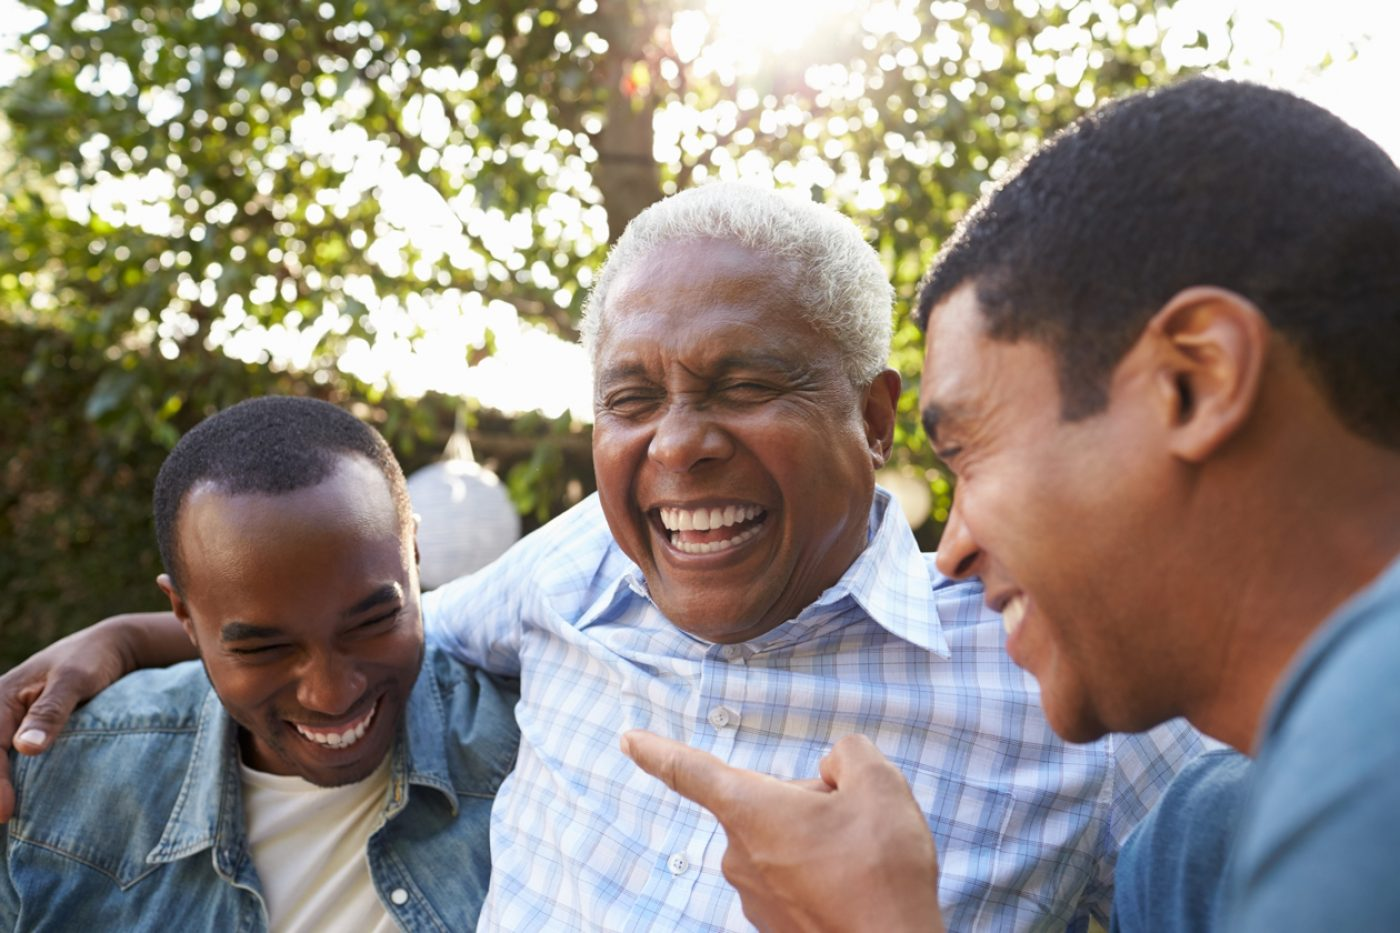 Smiling Group Of Men